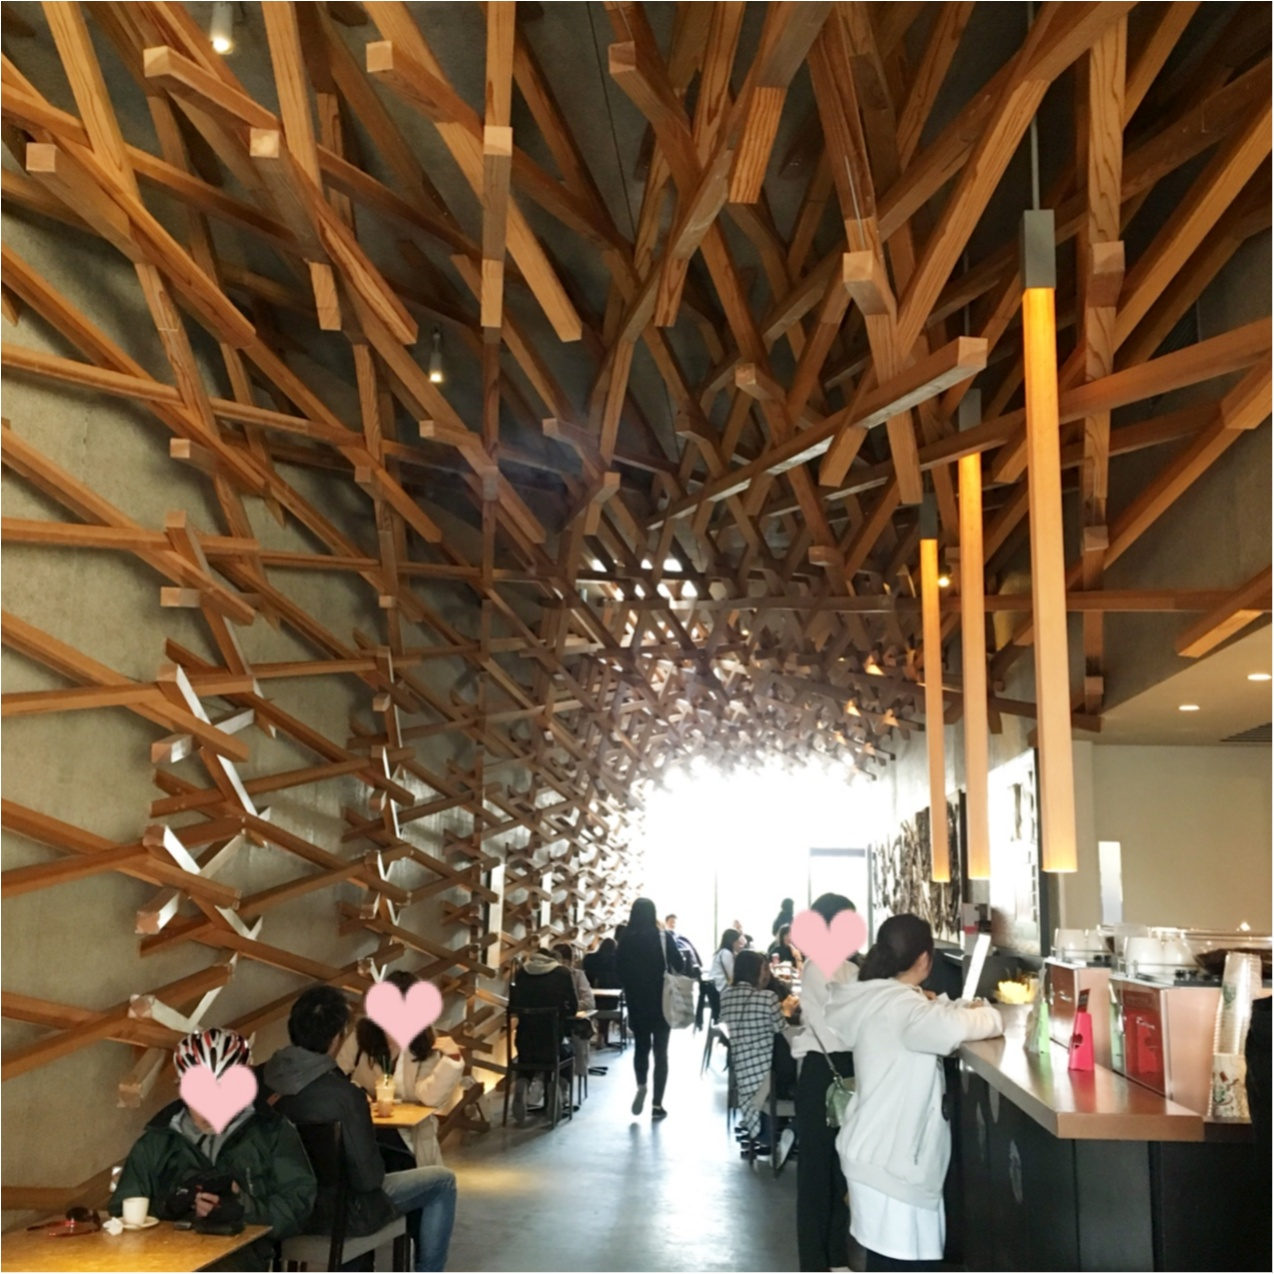 【 日本の珍しいスタバに行きたい♪ 】 芸術的な木のデザインが美しい♡ 大宰府天満宮のスターバックス♡♡_4